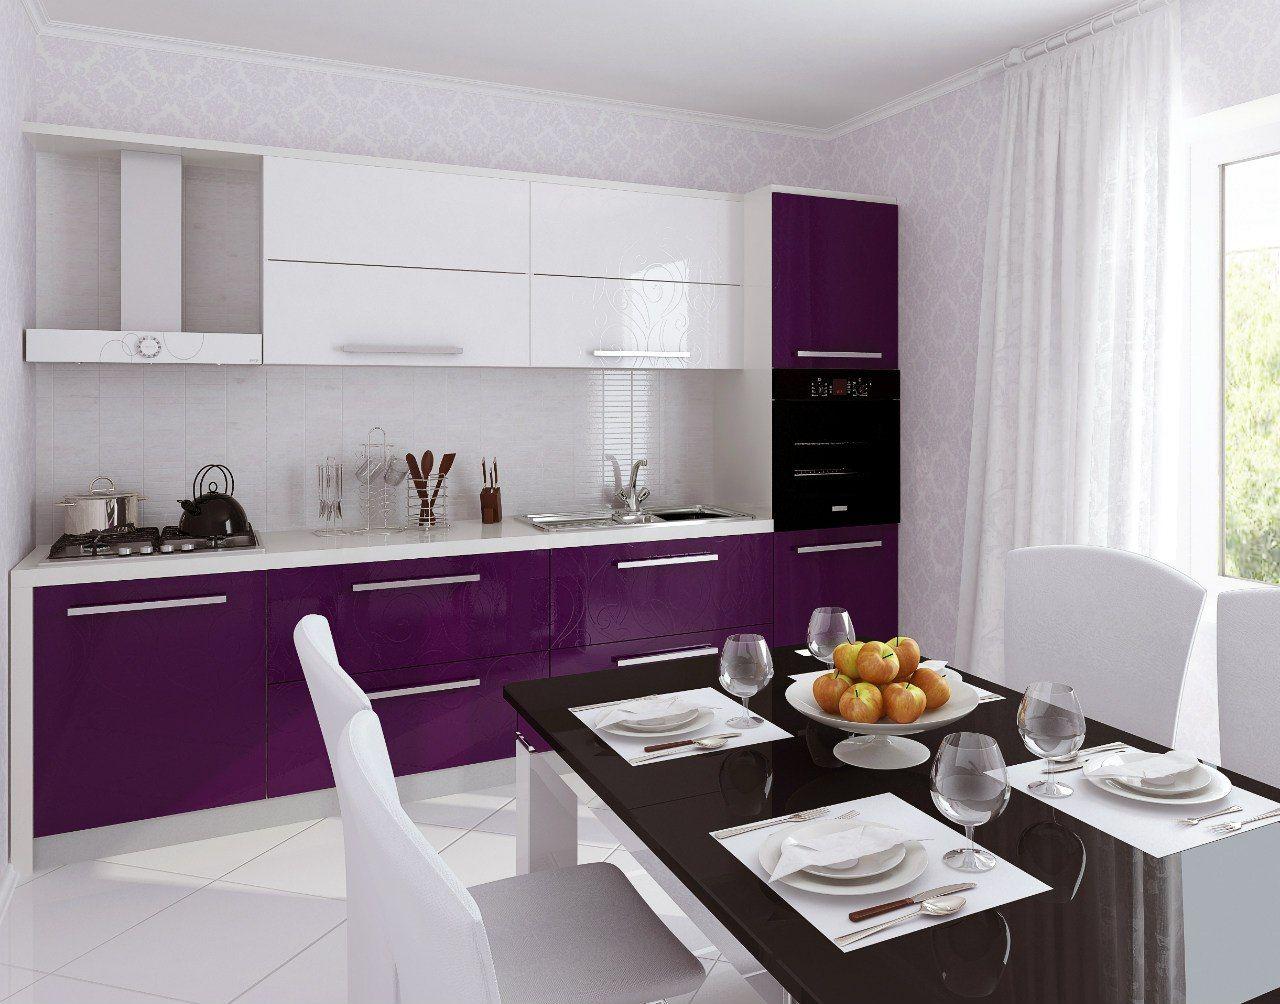 Интерьер белой кухни с доминирующими цветами